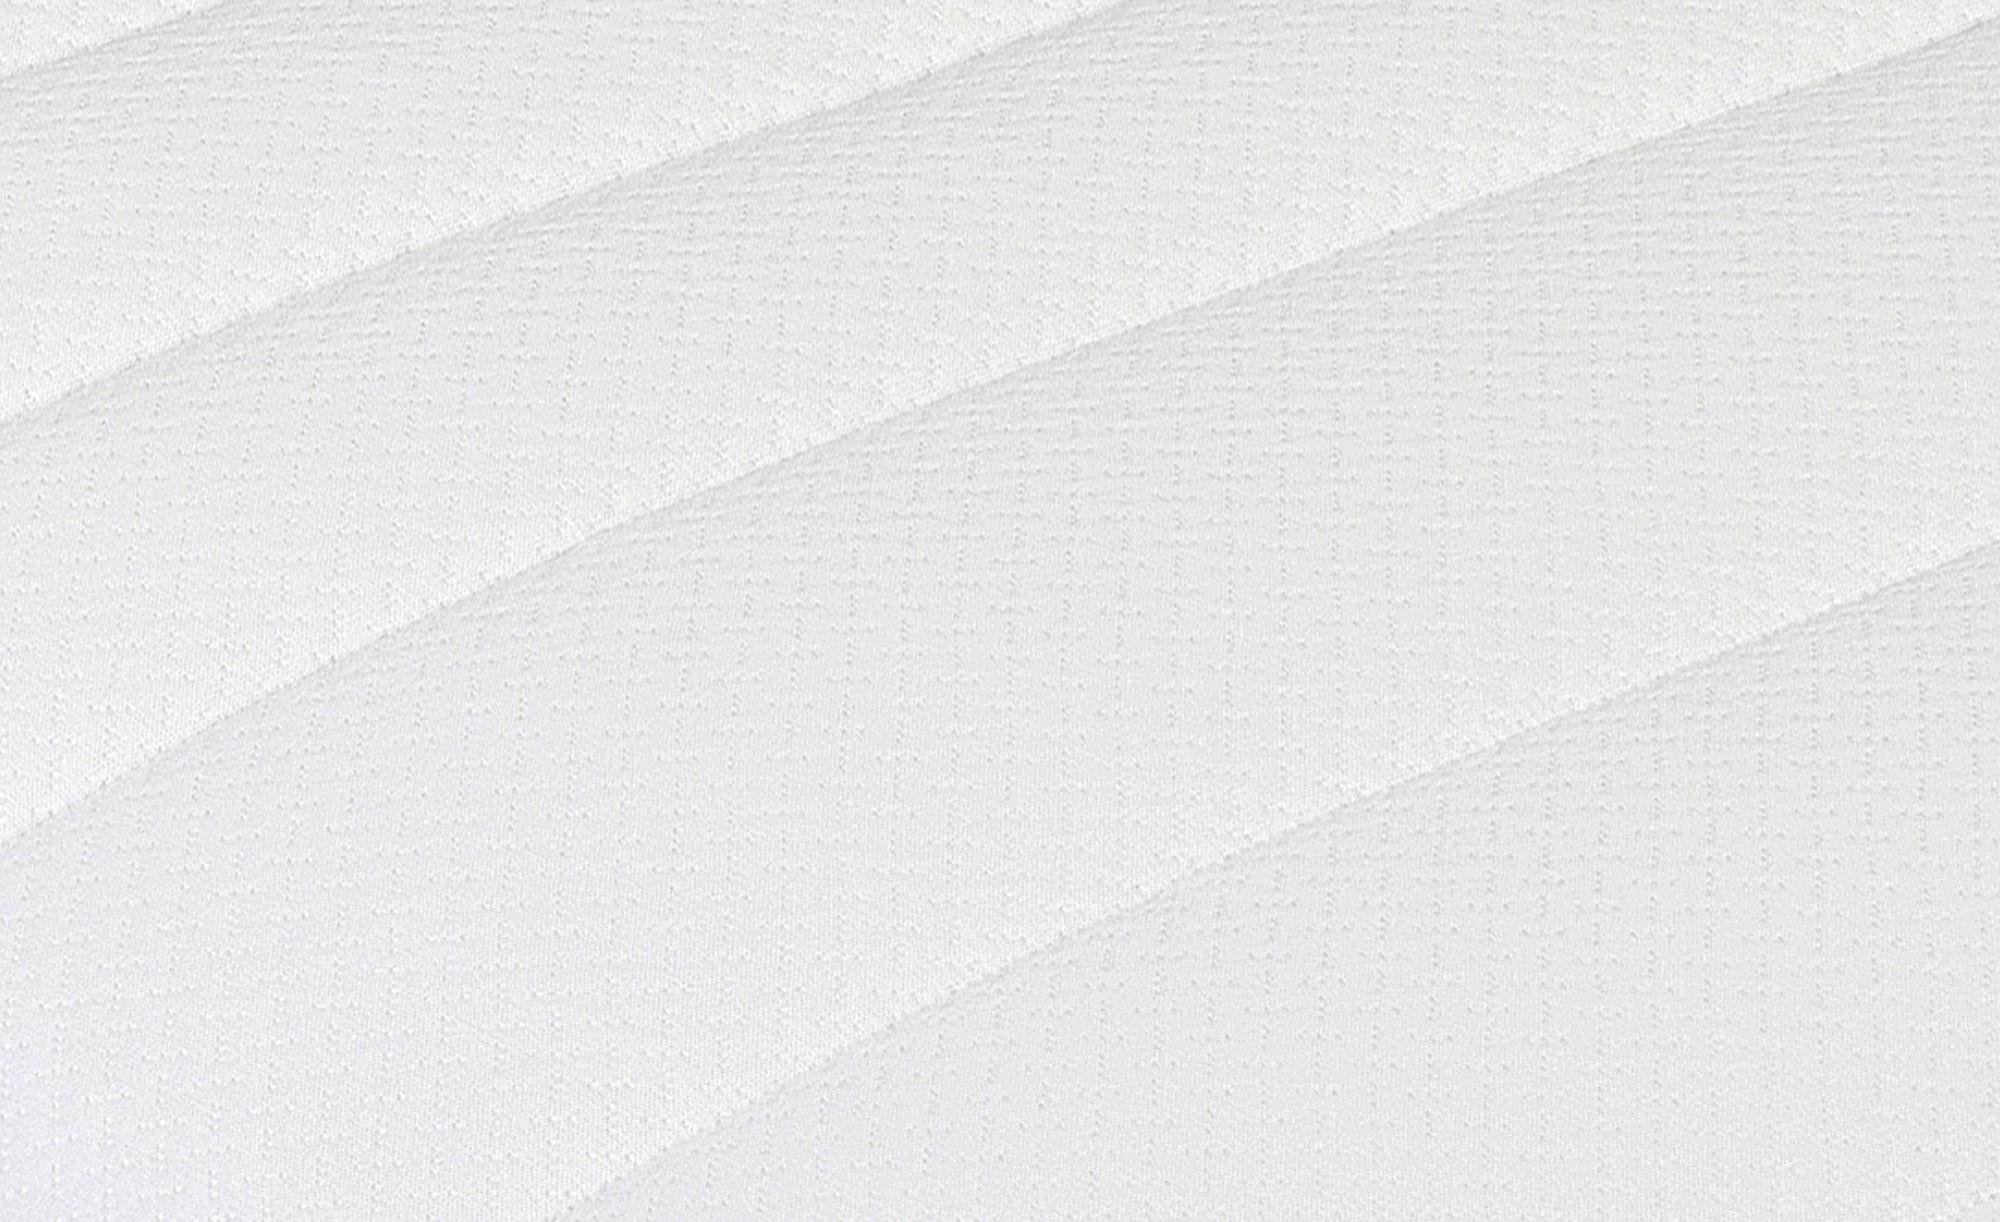 Tonnentaschenfederkern Matratze Sensitiv Tfk 2200 Matratze Prufsiegel Und Tonne